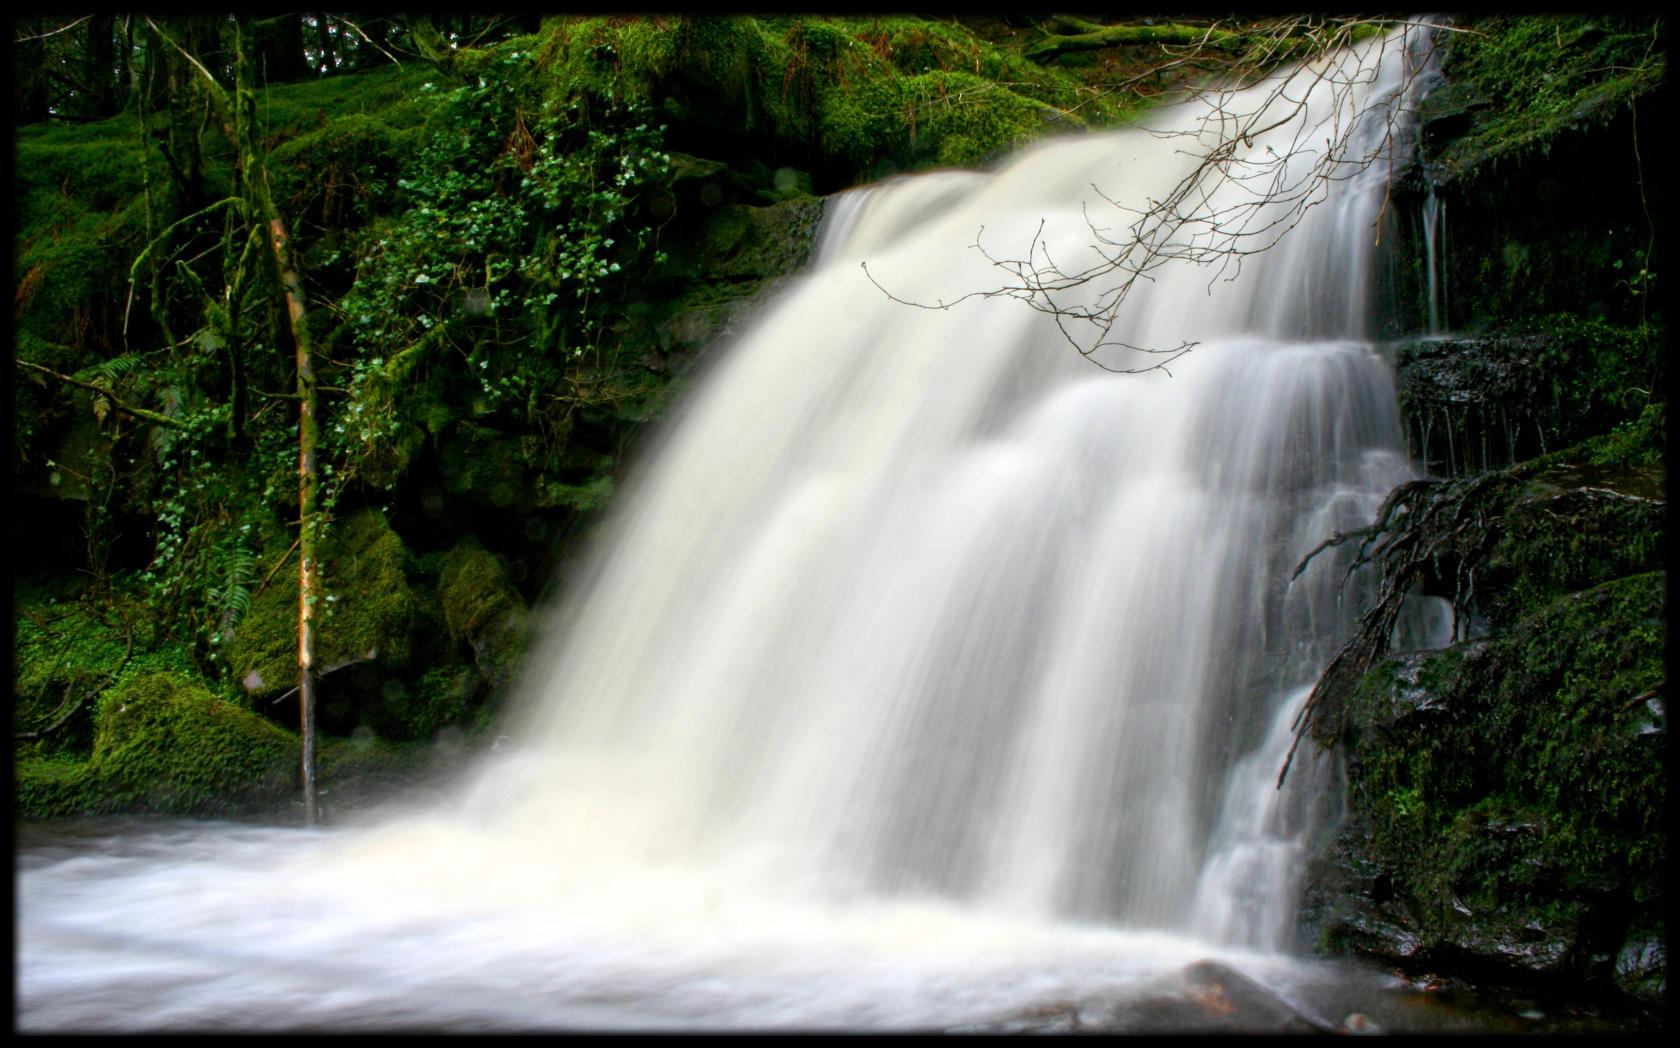 Blaen y Glyn Waterfalls V1.3 by l8